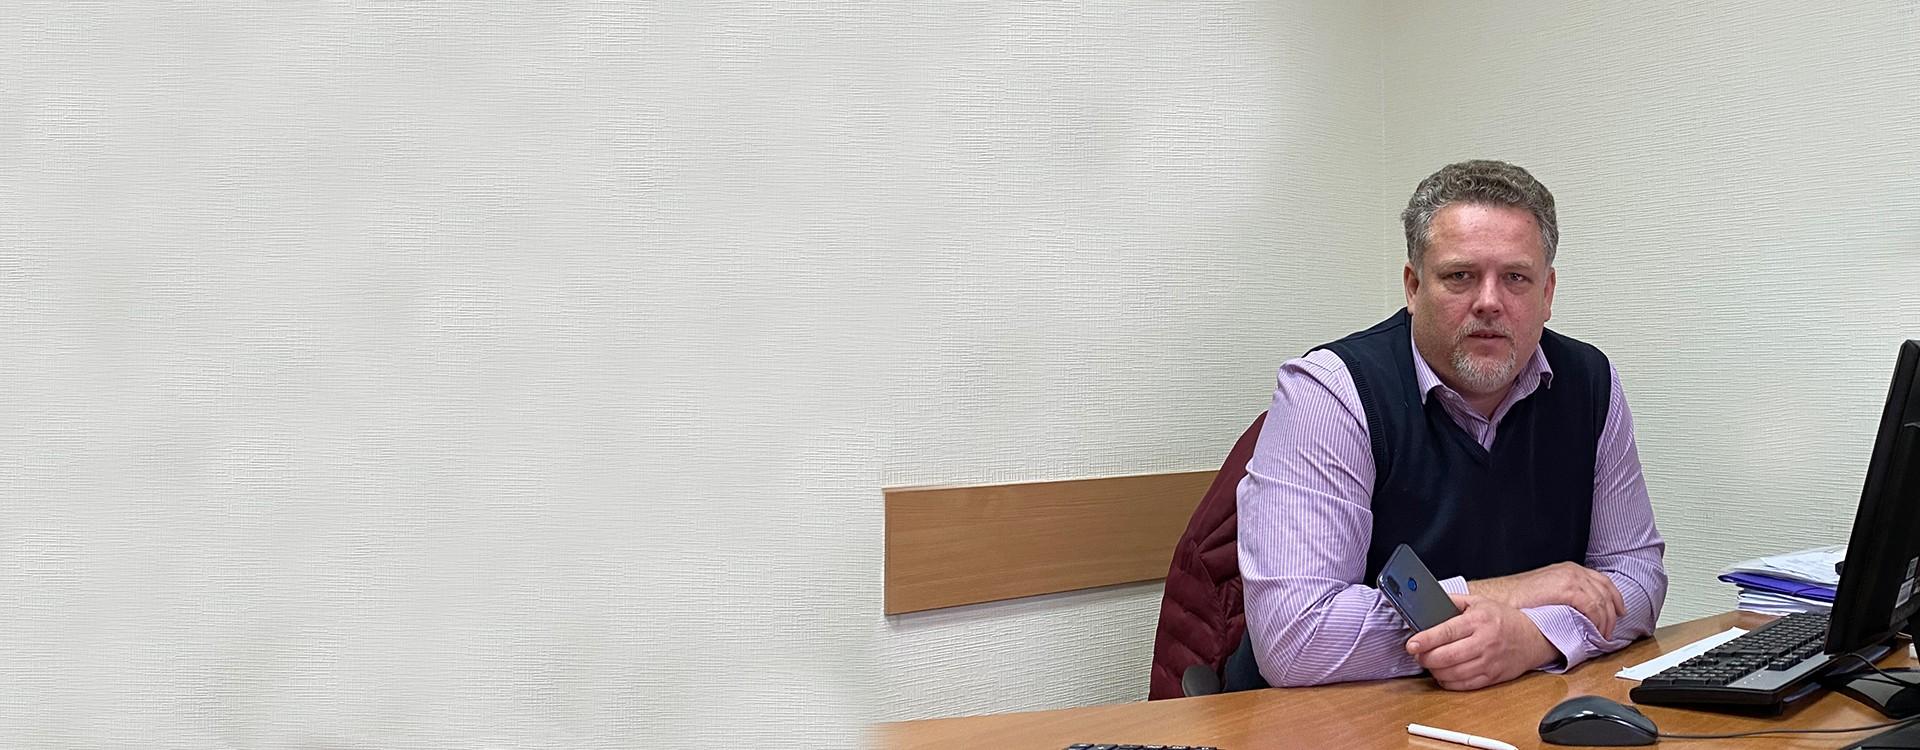 Іван Тоцький | директор компанії «SEED TRADE AGRO»